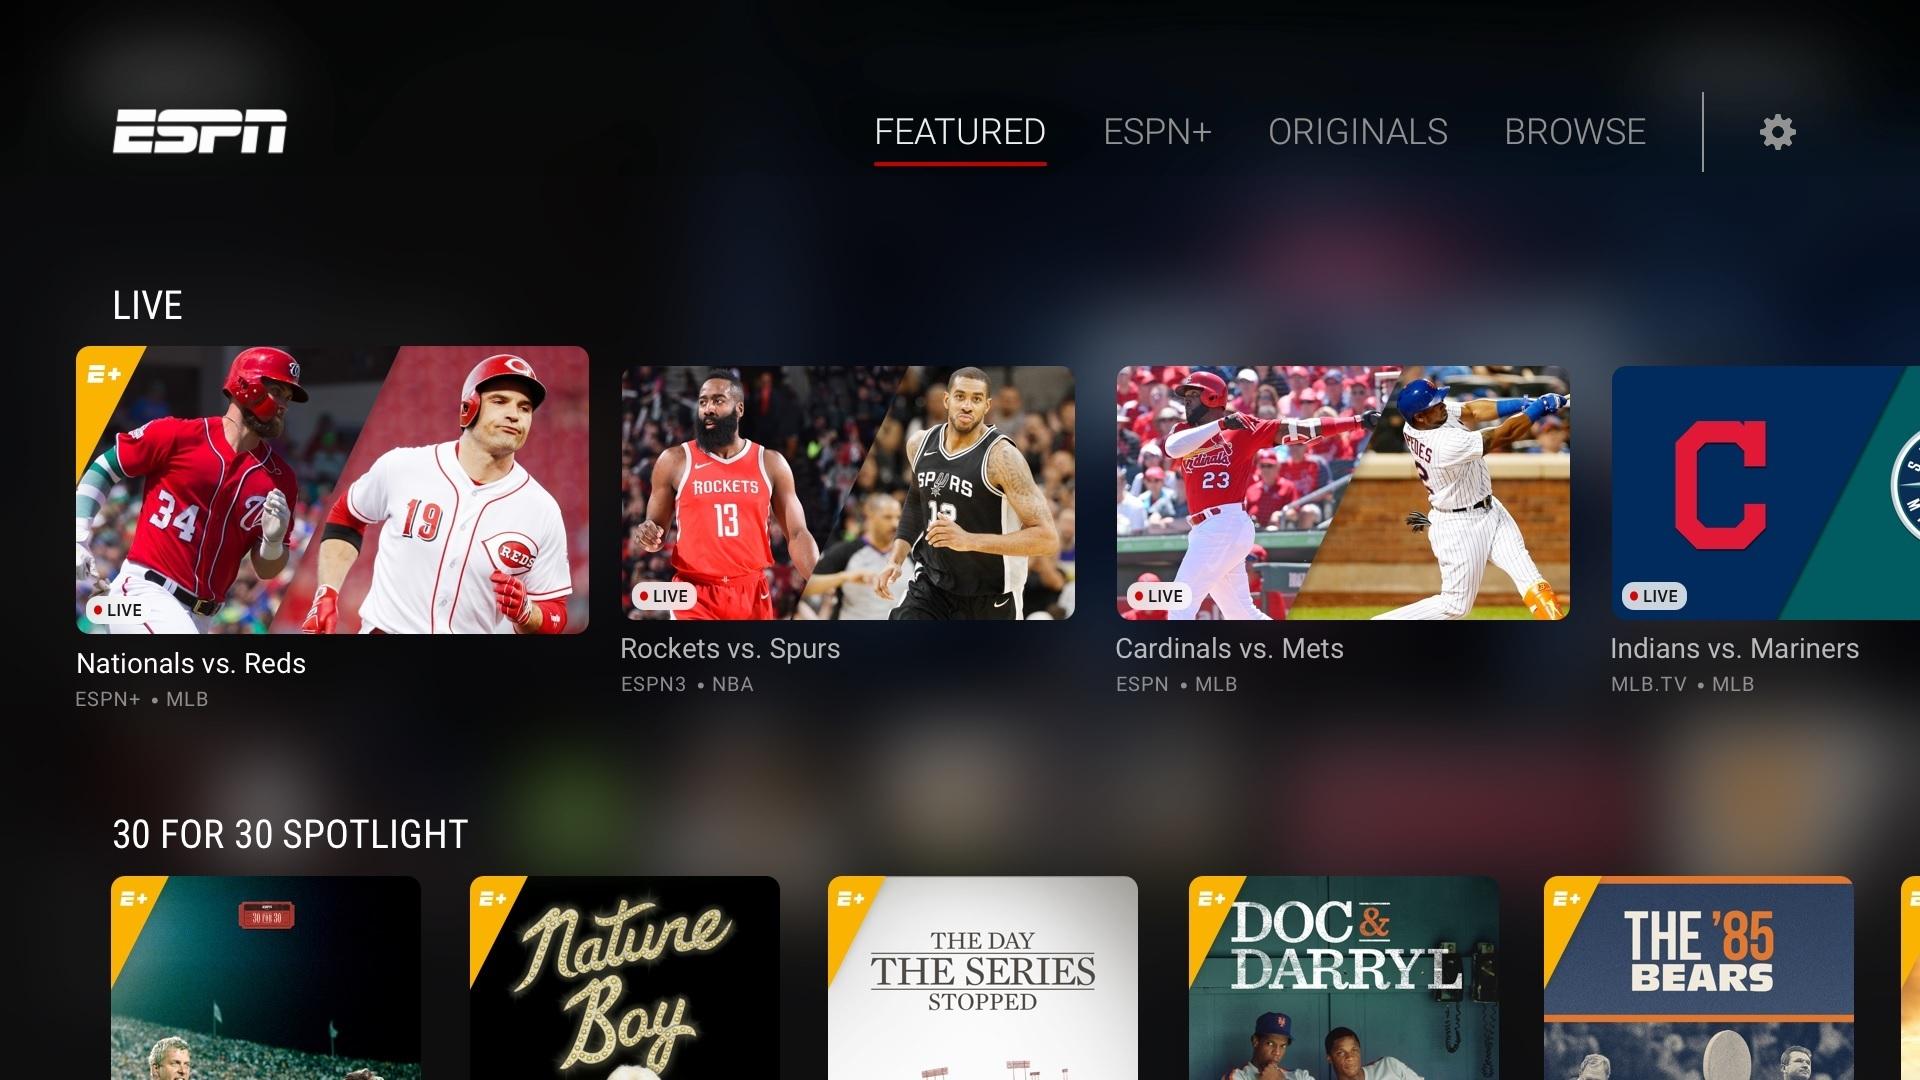 ESPN+와 같은 서비스는 TV 네트워크에는 커다란 변화의 시작이 될 것이다.